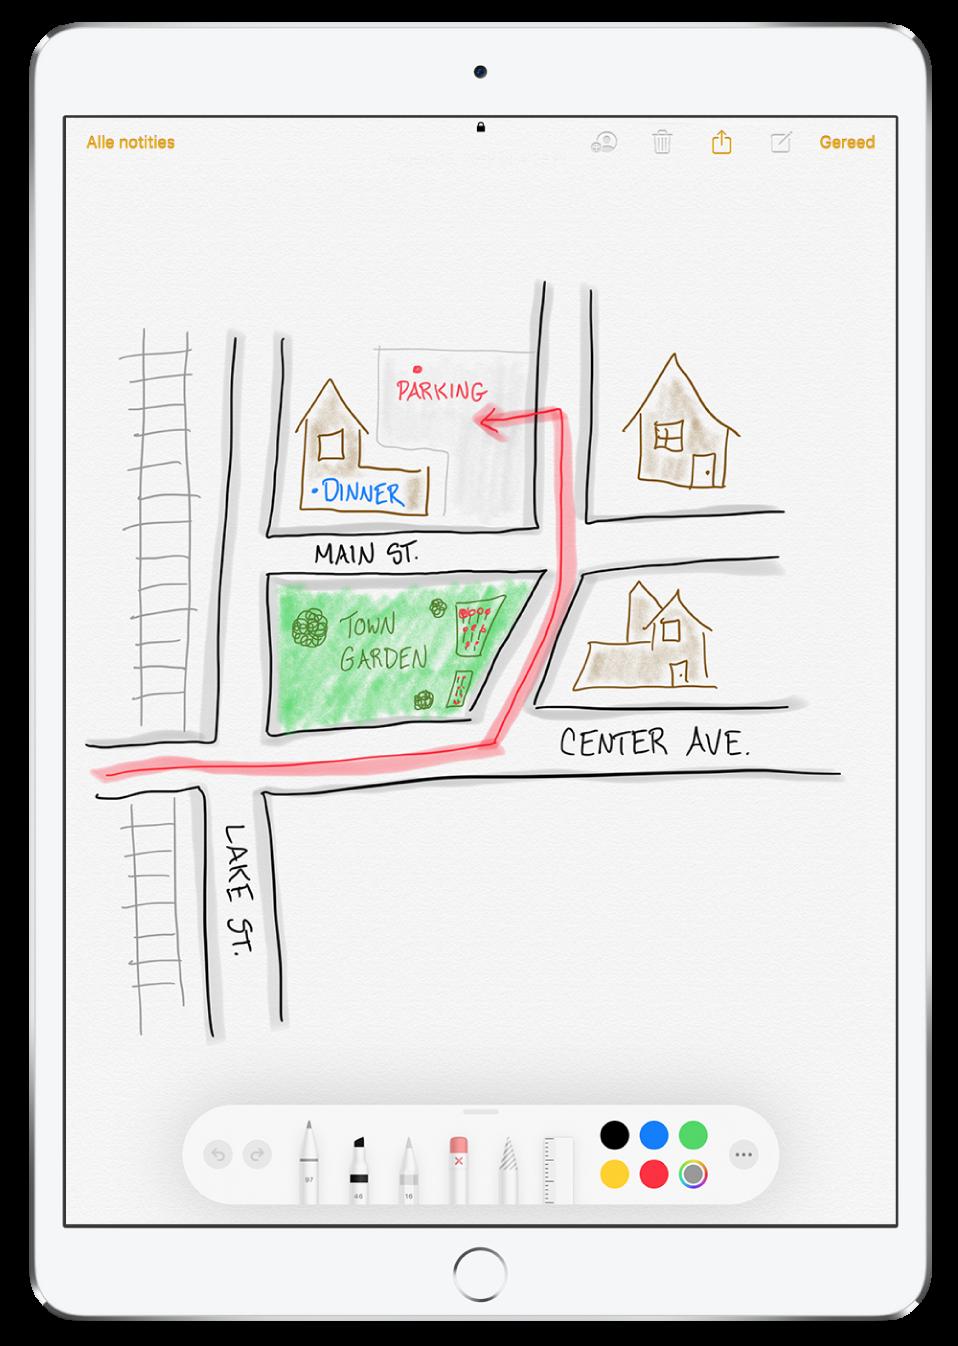 Een tekening van een woonwijk in een notitie in de app Notities. De tekening bevat straten met namen en een rode pijl die naar de beschikbare parkeerplaatsen wijst. Onder in het scherm staat de markeringsknoppenbalk, waarin een schrijfgereedschap en een aangepaste kleur zijn geselecteerd.